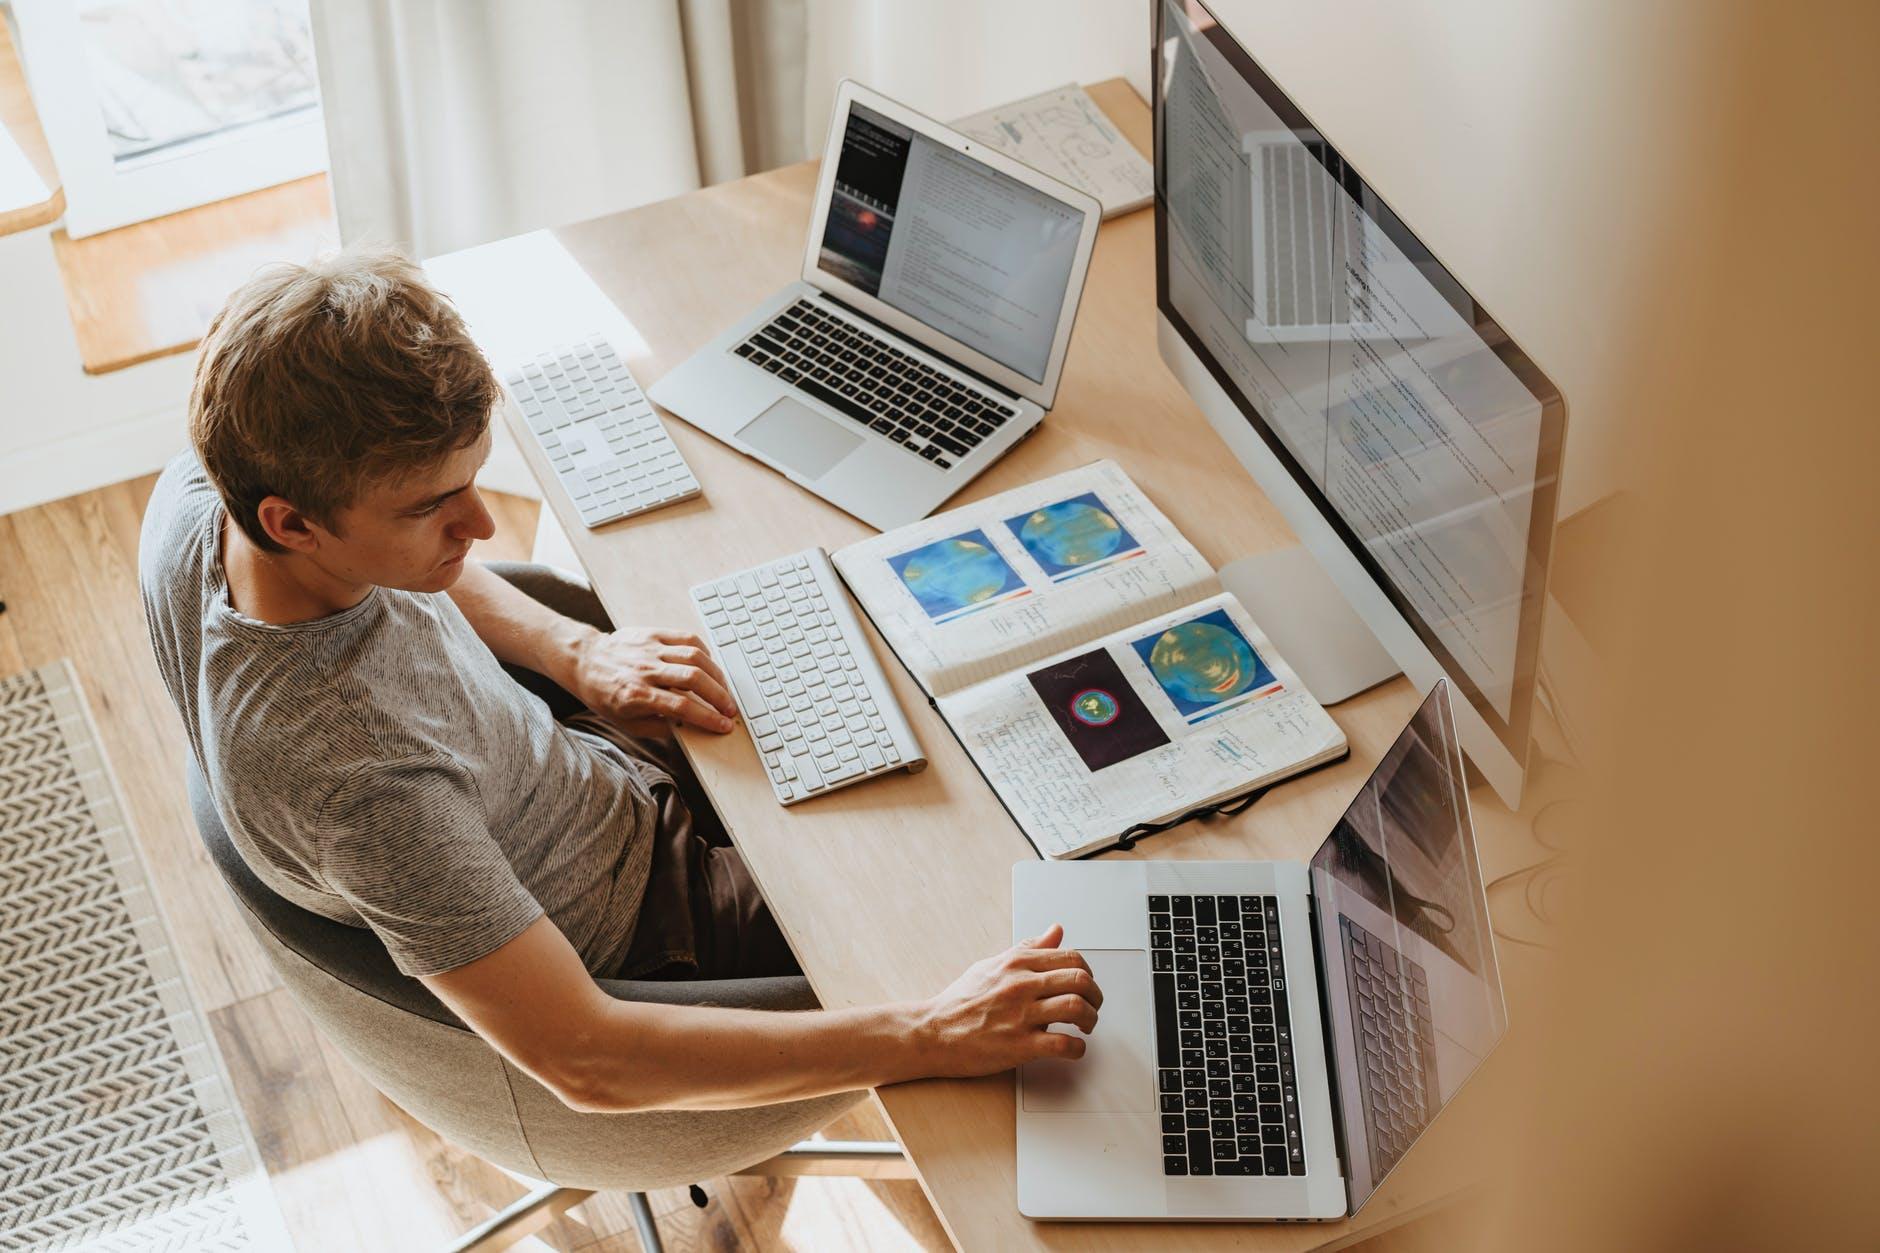 افزایش مهارت های برنامه نویسی